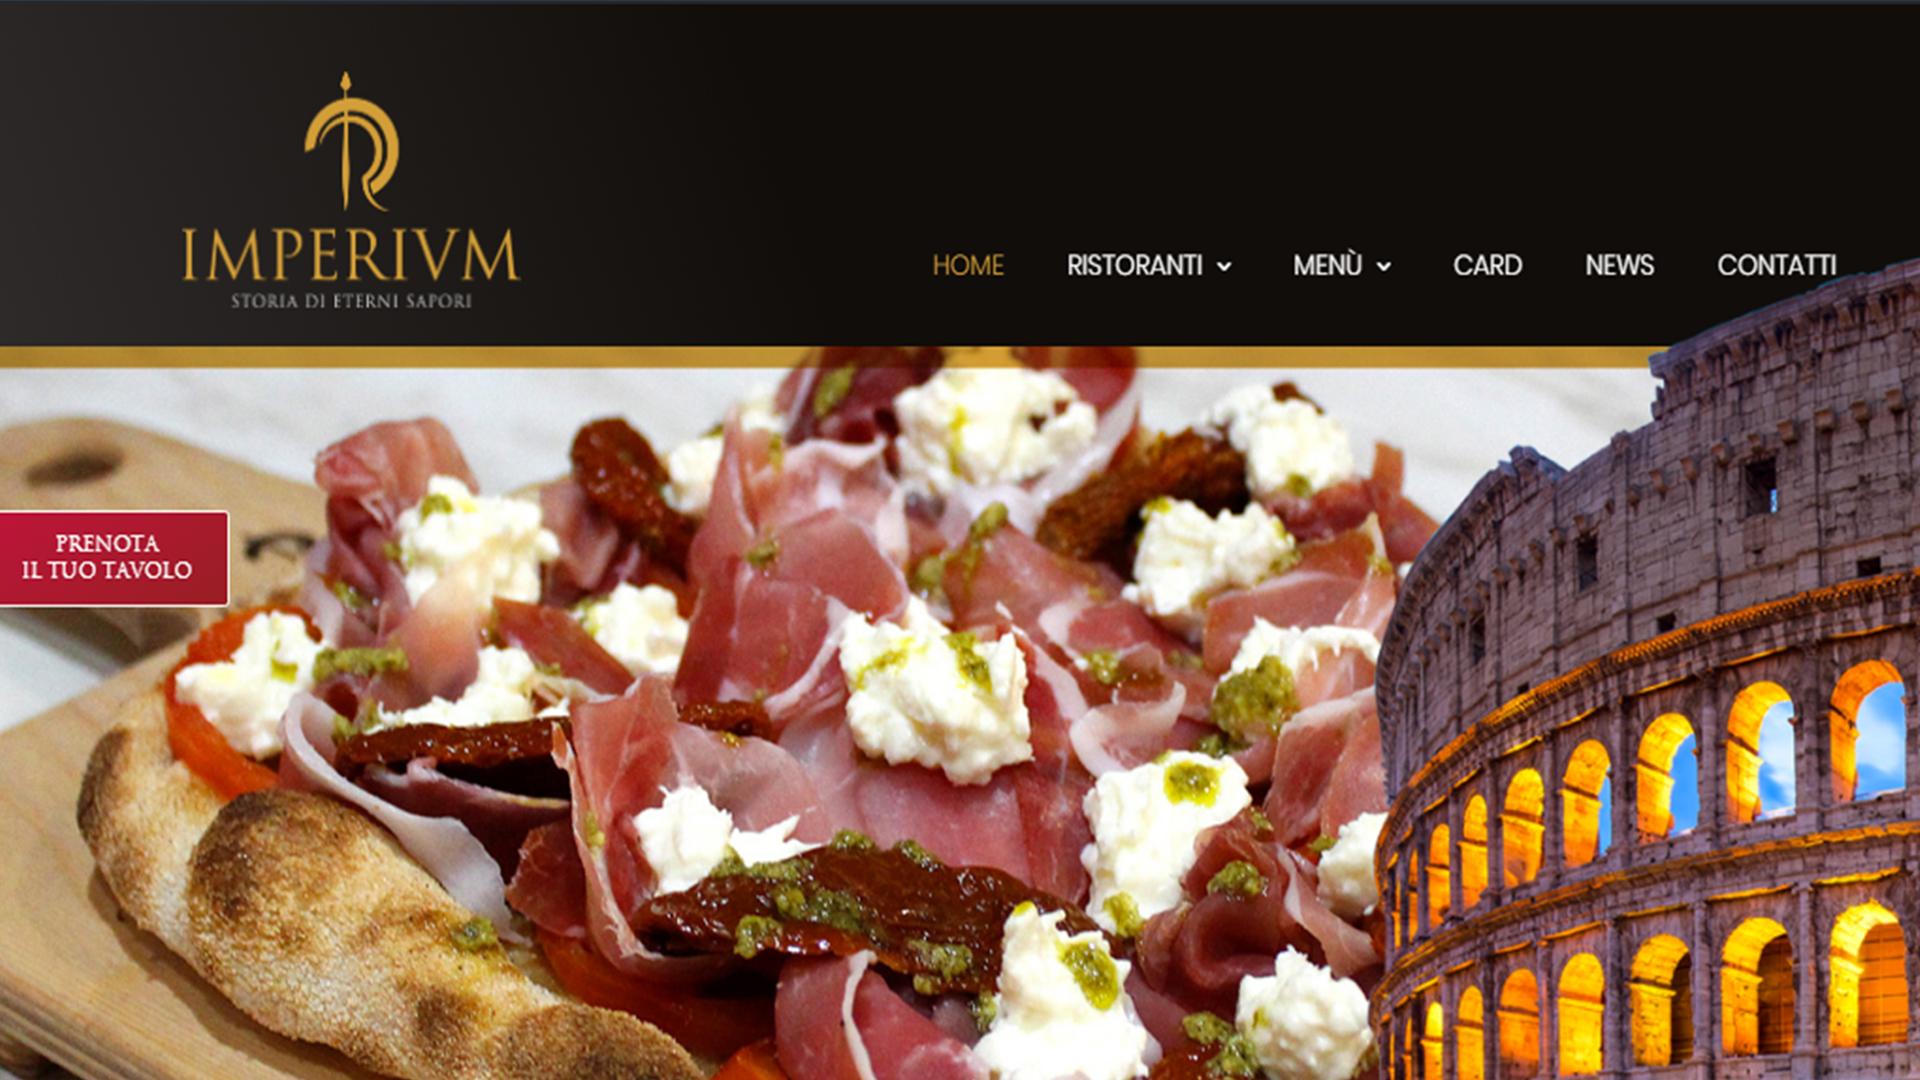 Imperivm: il nuovo sito del ristorante tematico